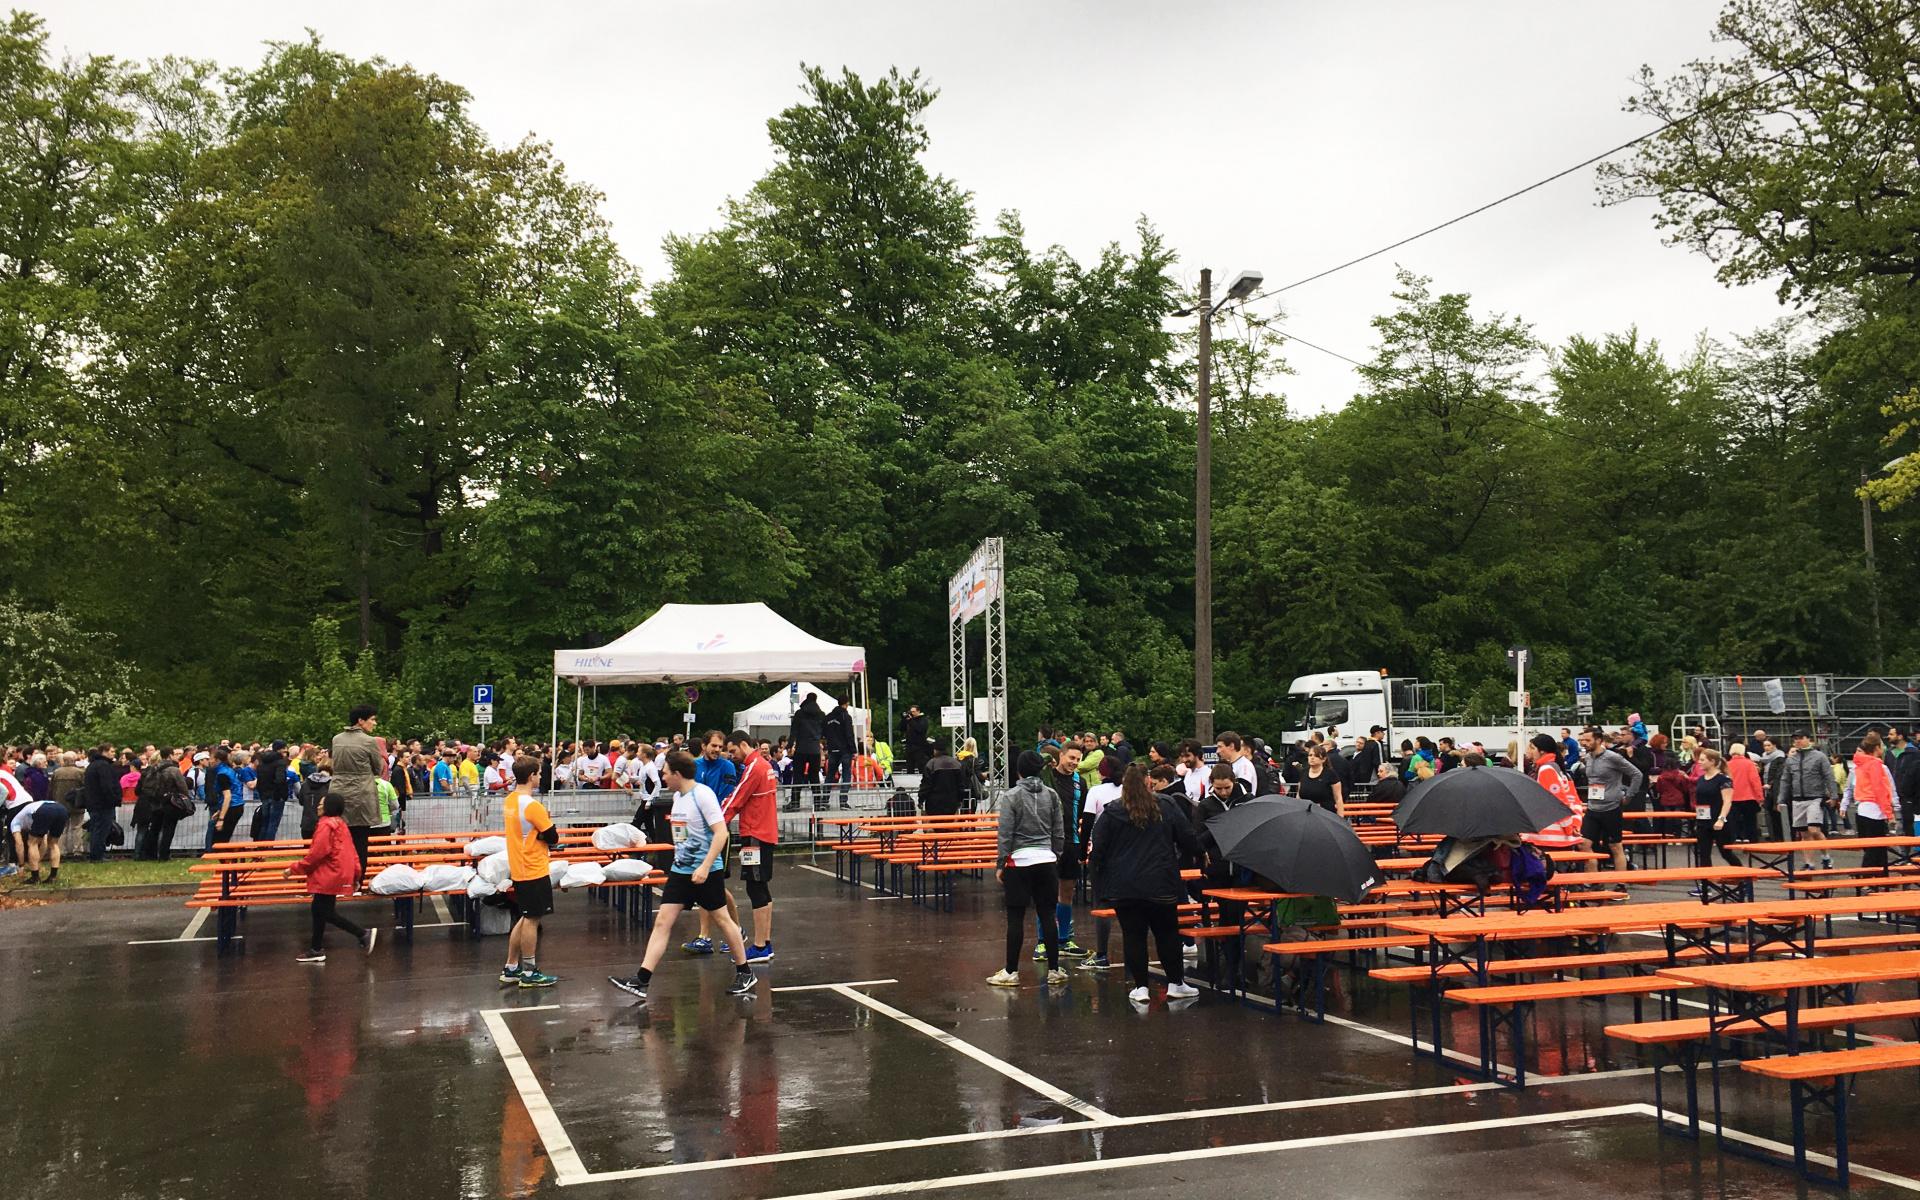 Der Start erfolgte in Blöcken, insgesamt gingen rund 6.000 Läuferinnen und Läufer an den Start.